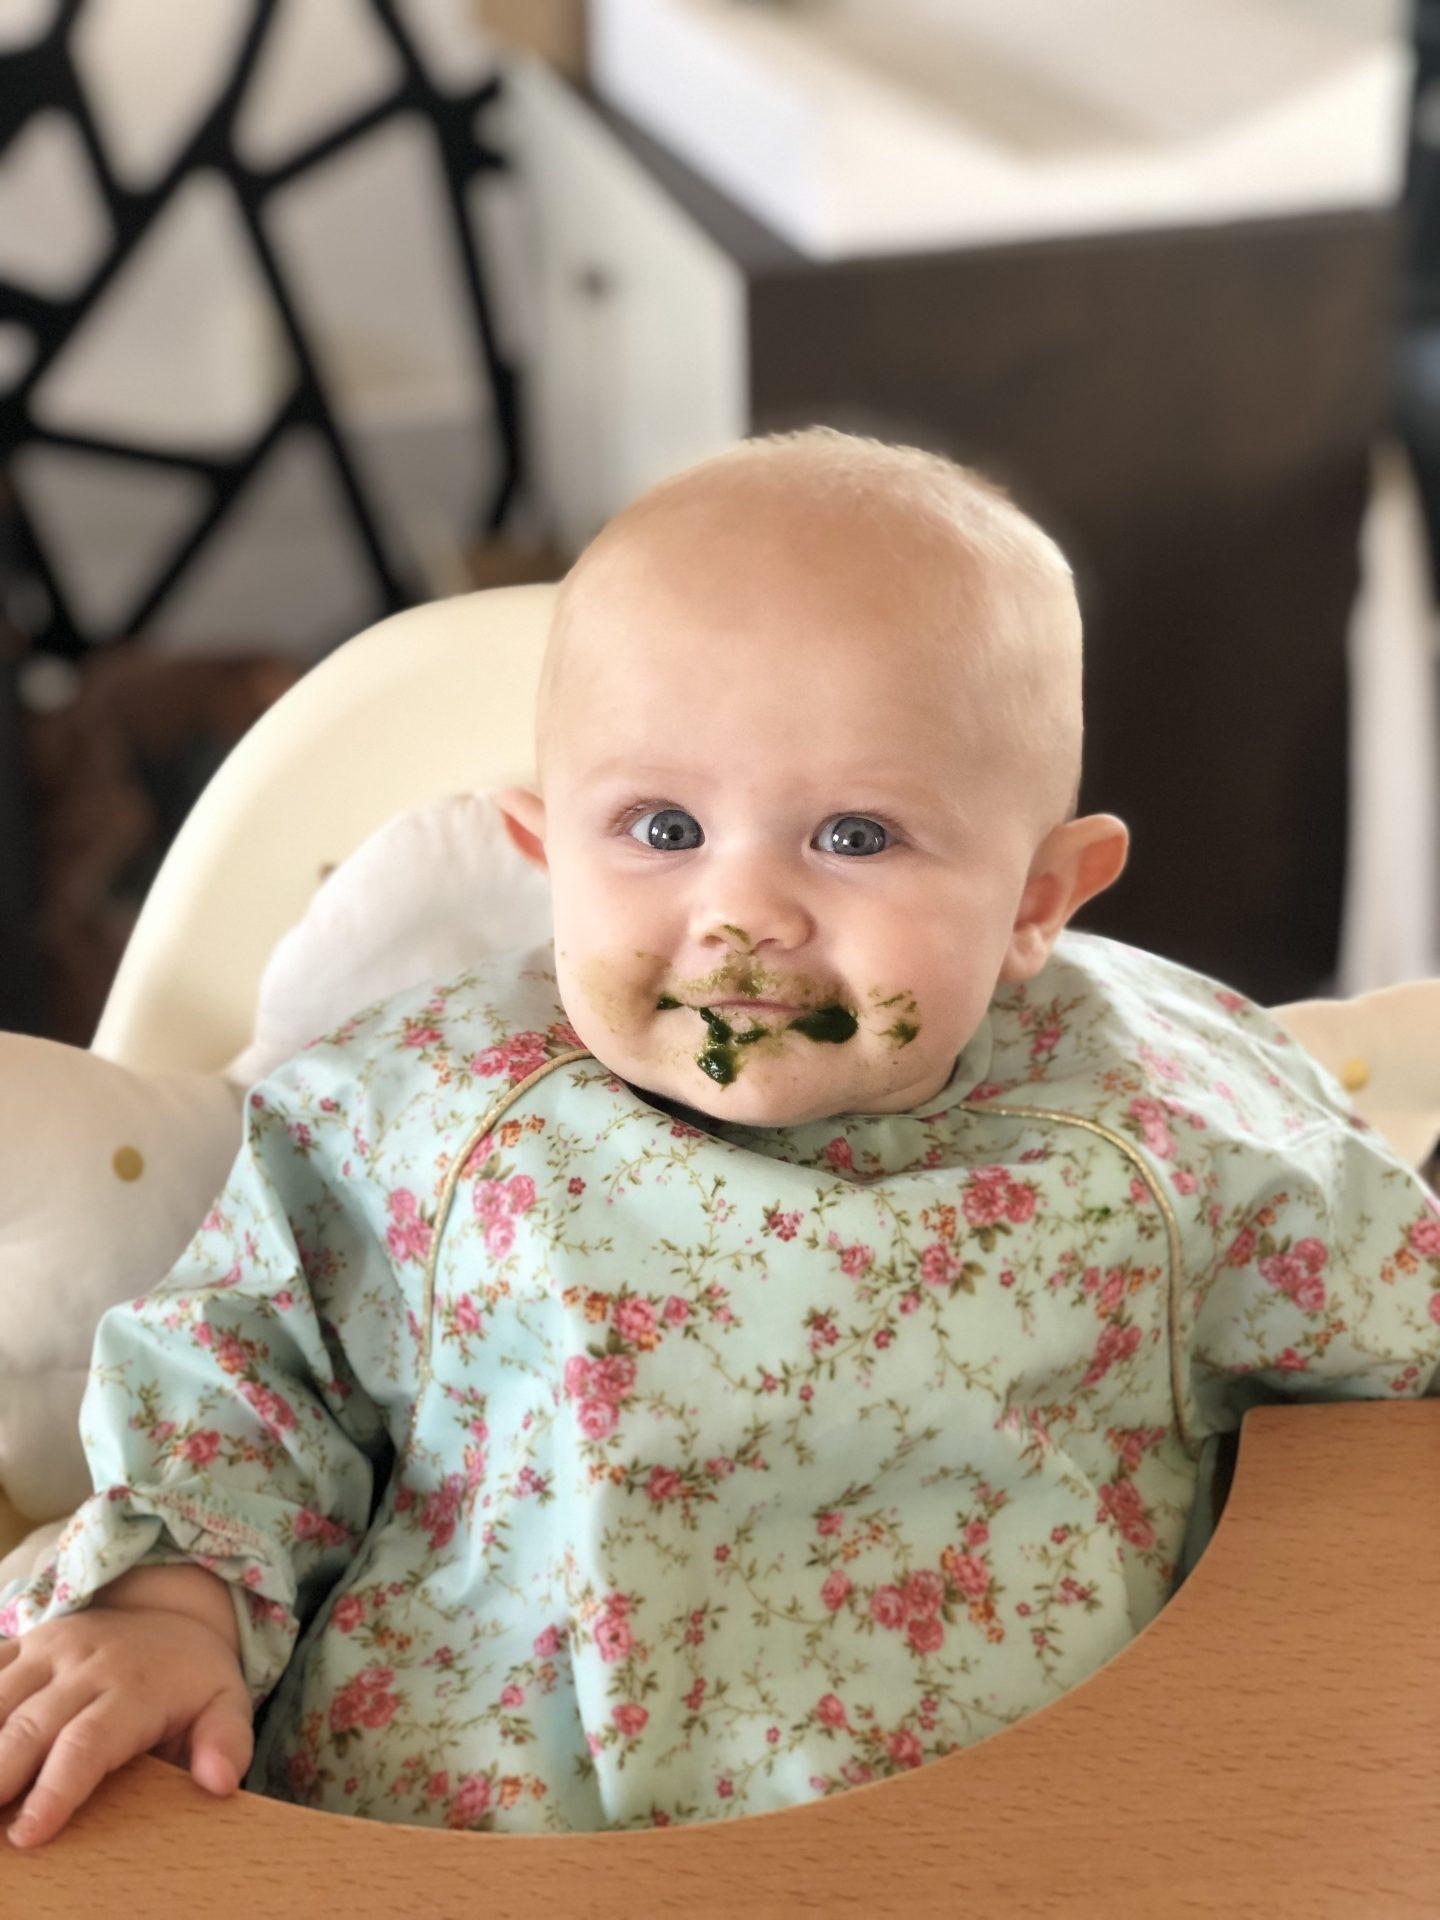 Tu joues au paintball toi maintenant ? Non non c est juste ava qui a commencé à manger !